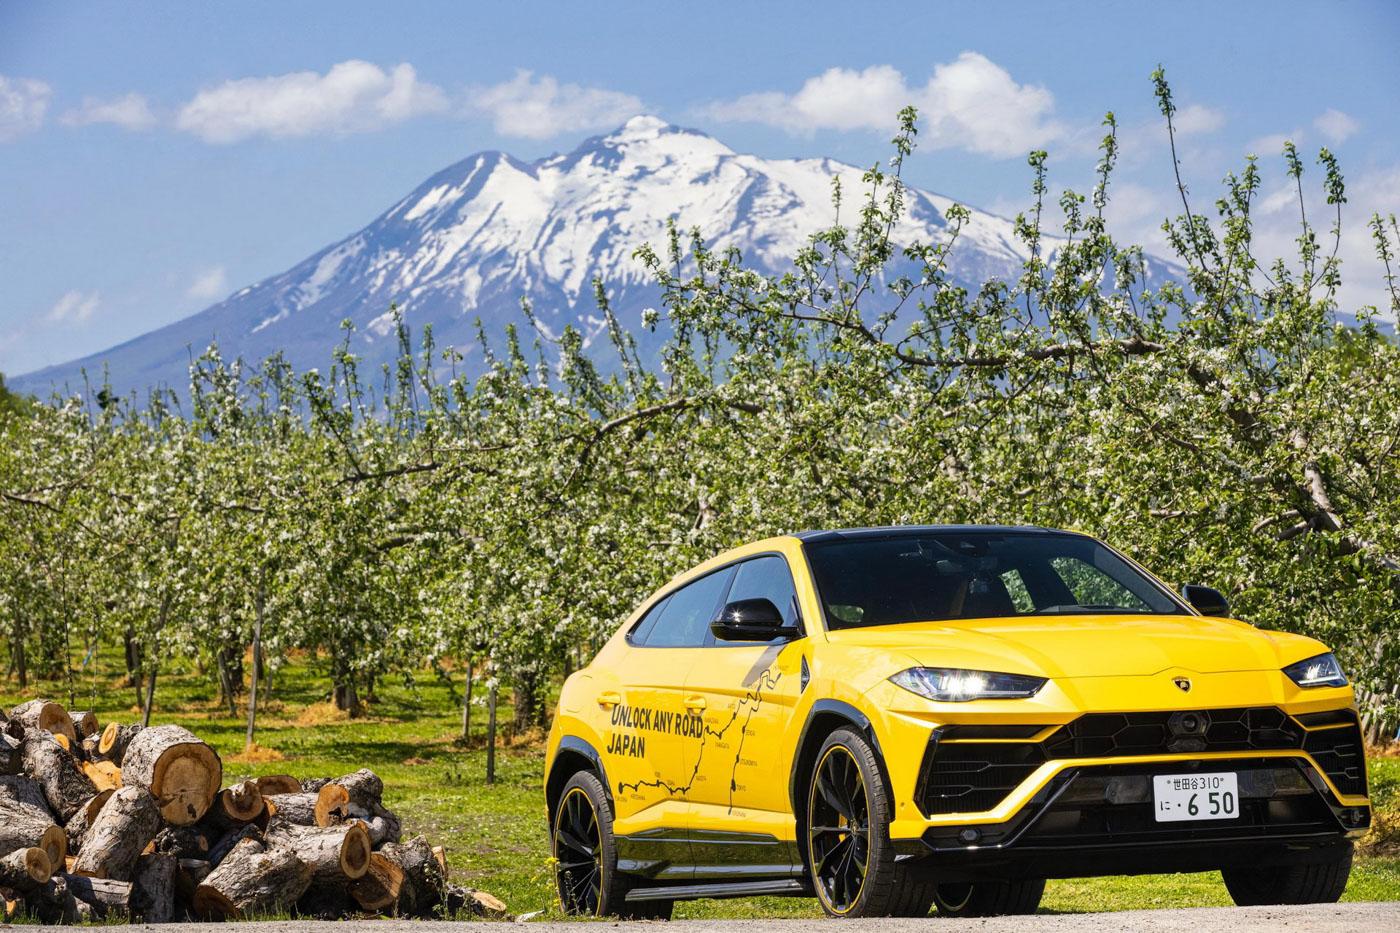 Bộ-đôi-Lamborghini-Urus-vượt-hơn-6.500-km-trong-hành-trình-xuyên-Nhật-Bản (24).jpg